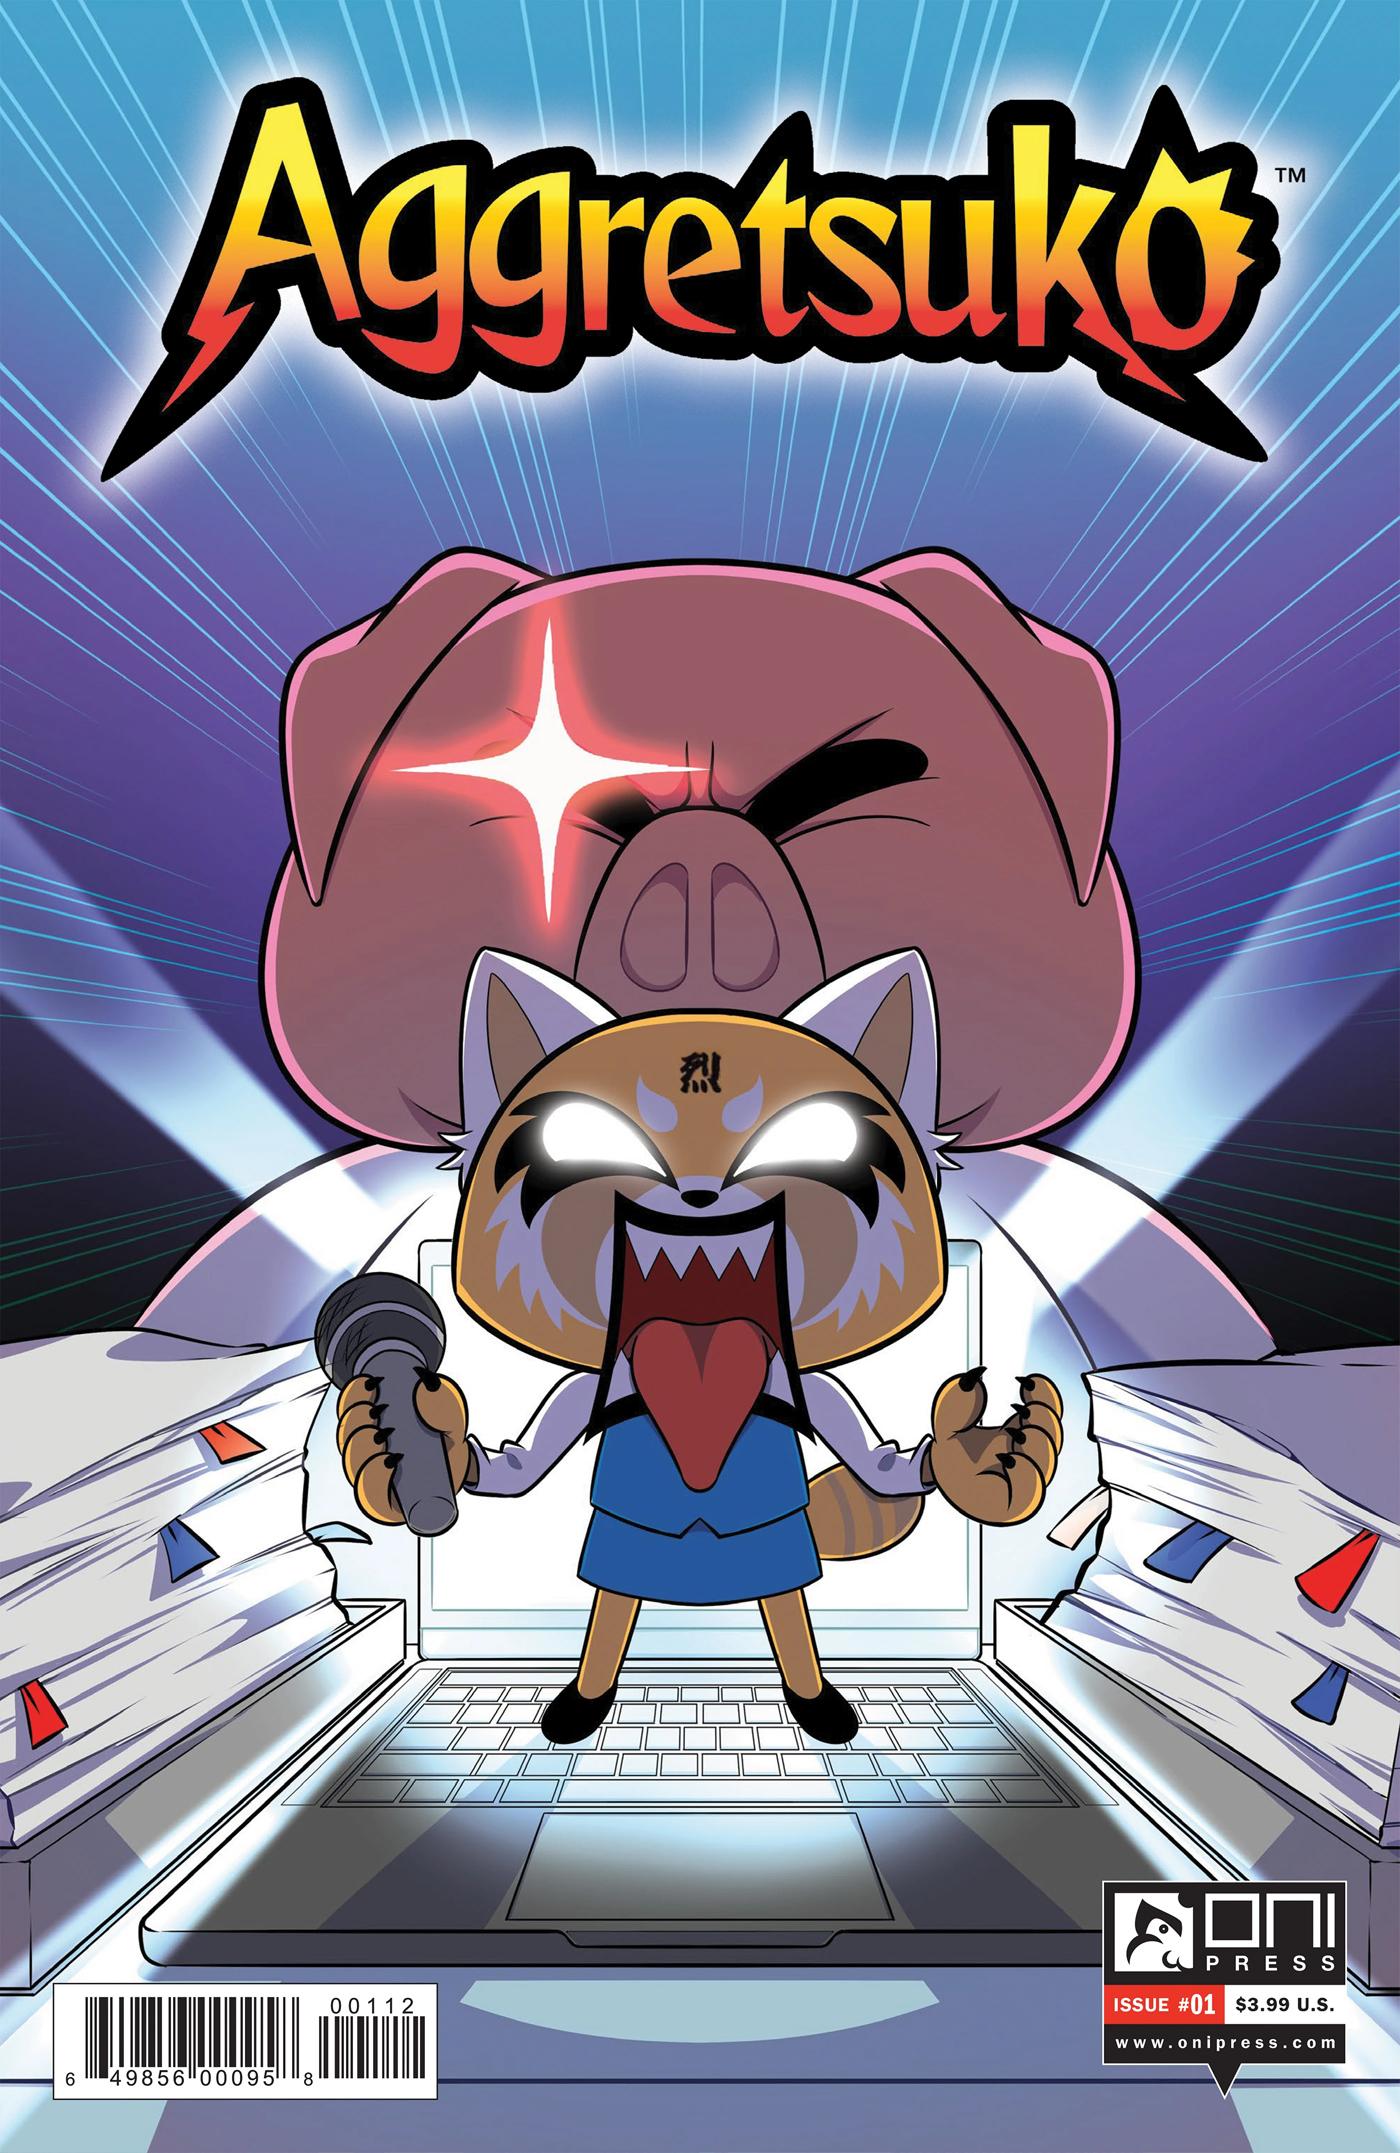 Aggretsuko Comic Issue1 2ndPrint.jpg